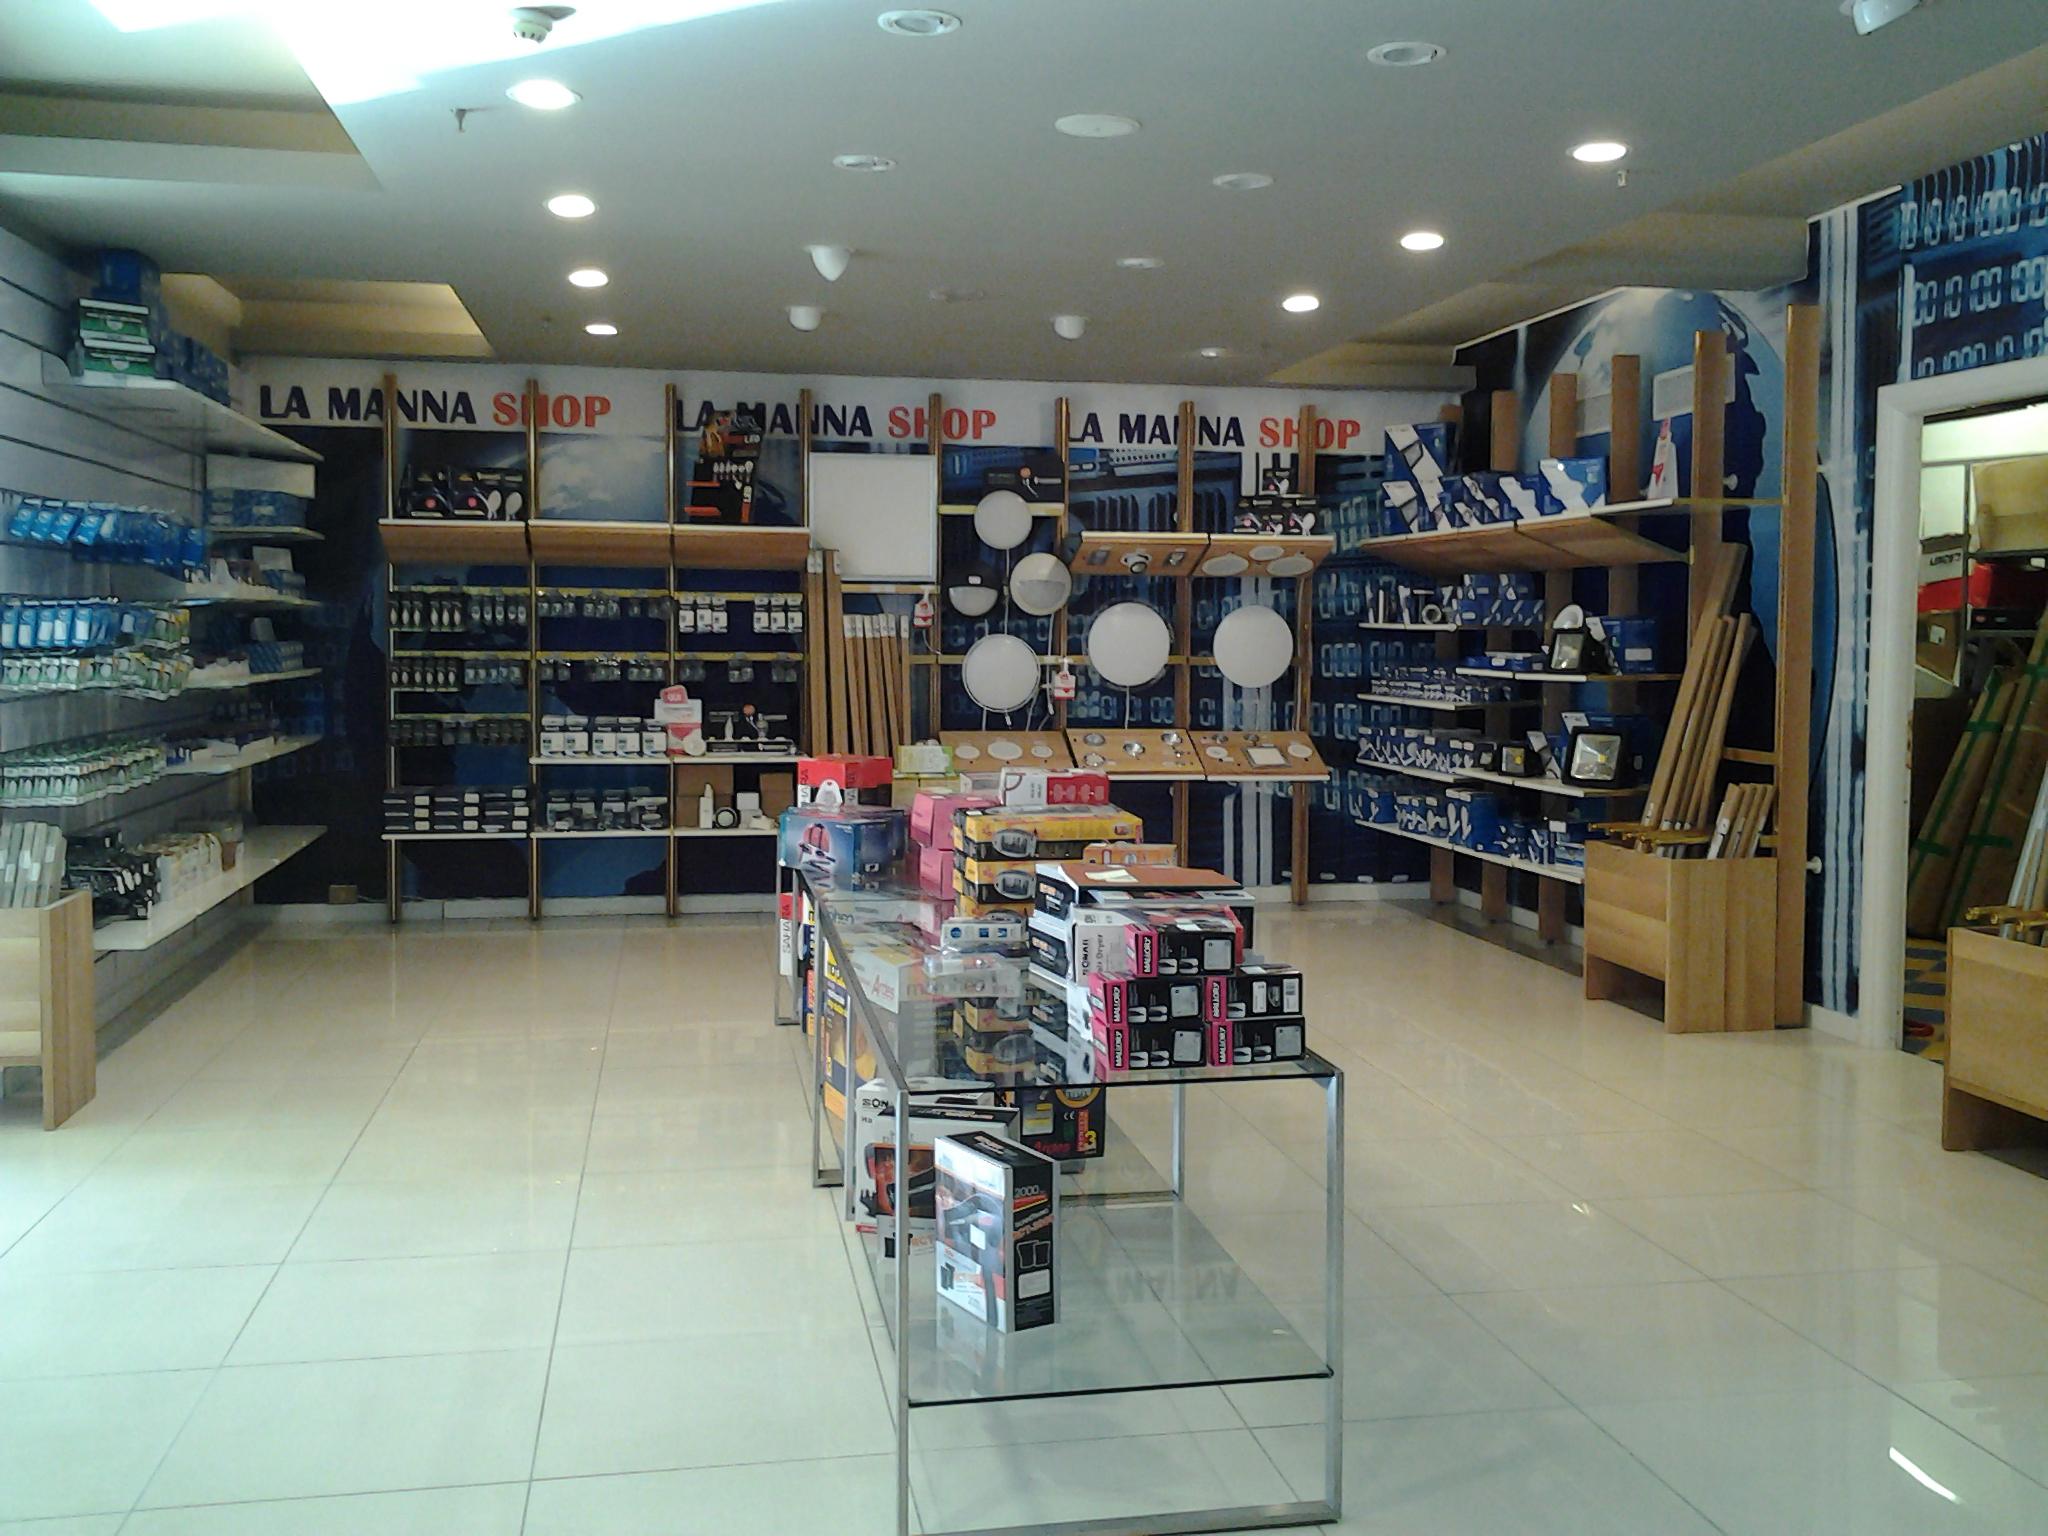 Lamanna shop sistemi di illuminazione for Sistemi di illuminazione